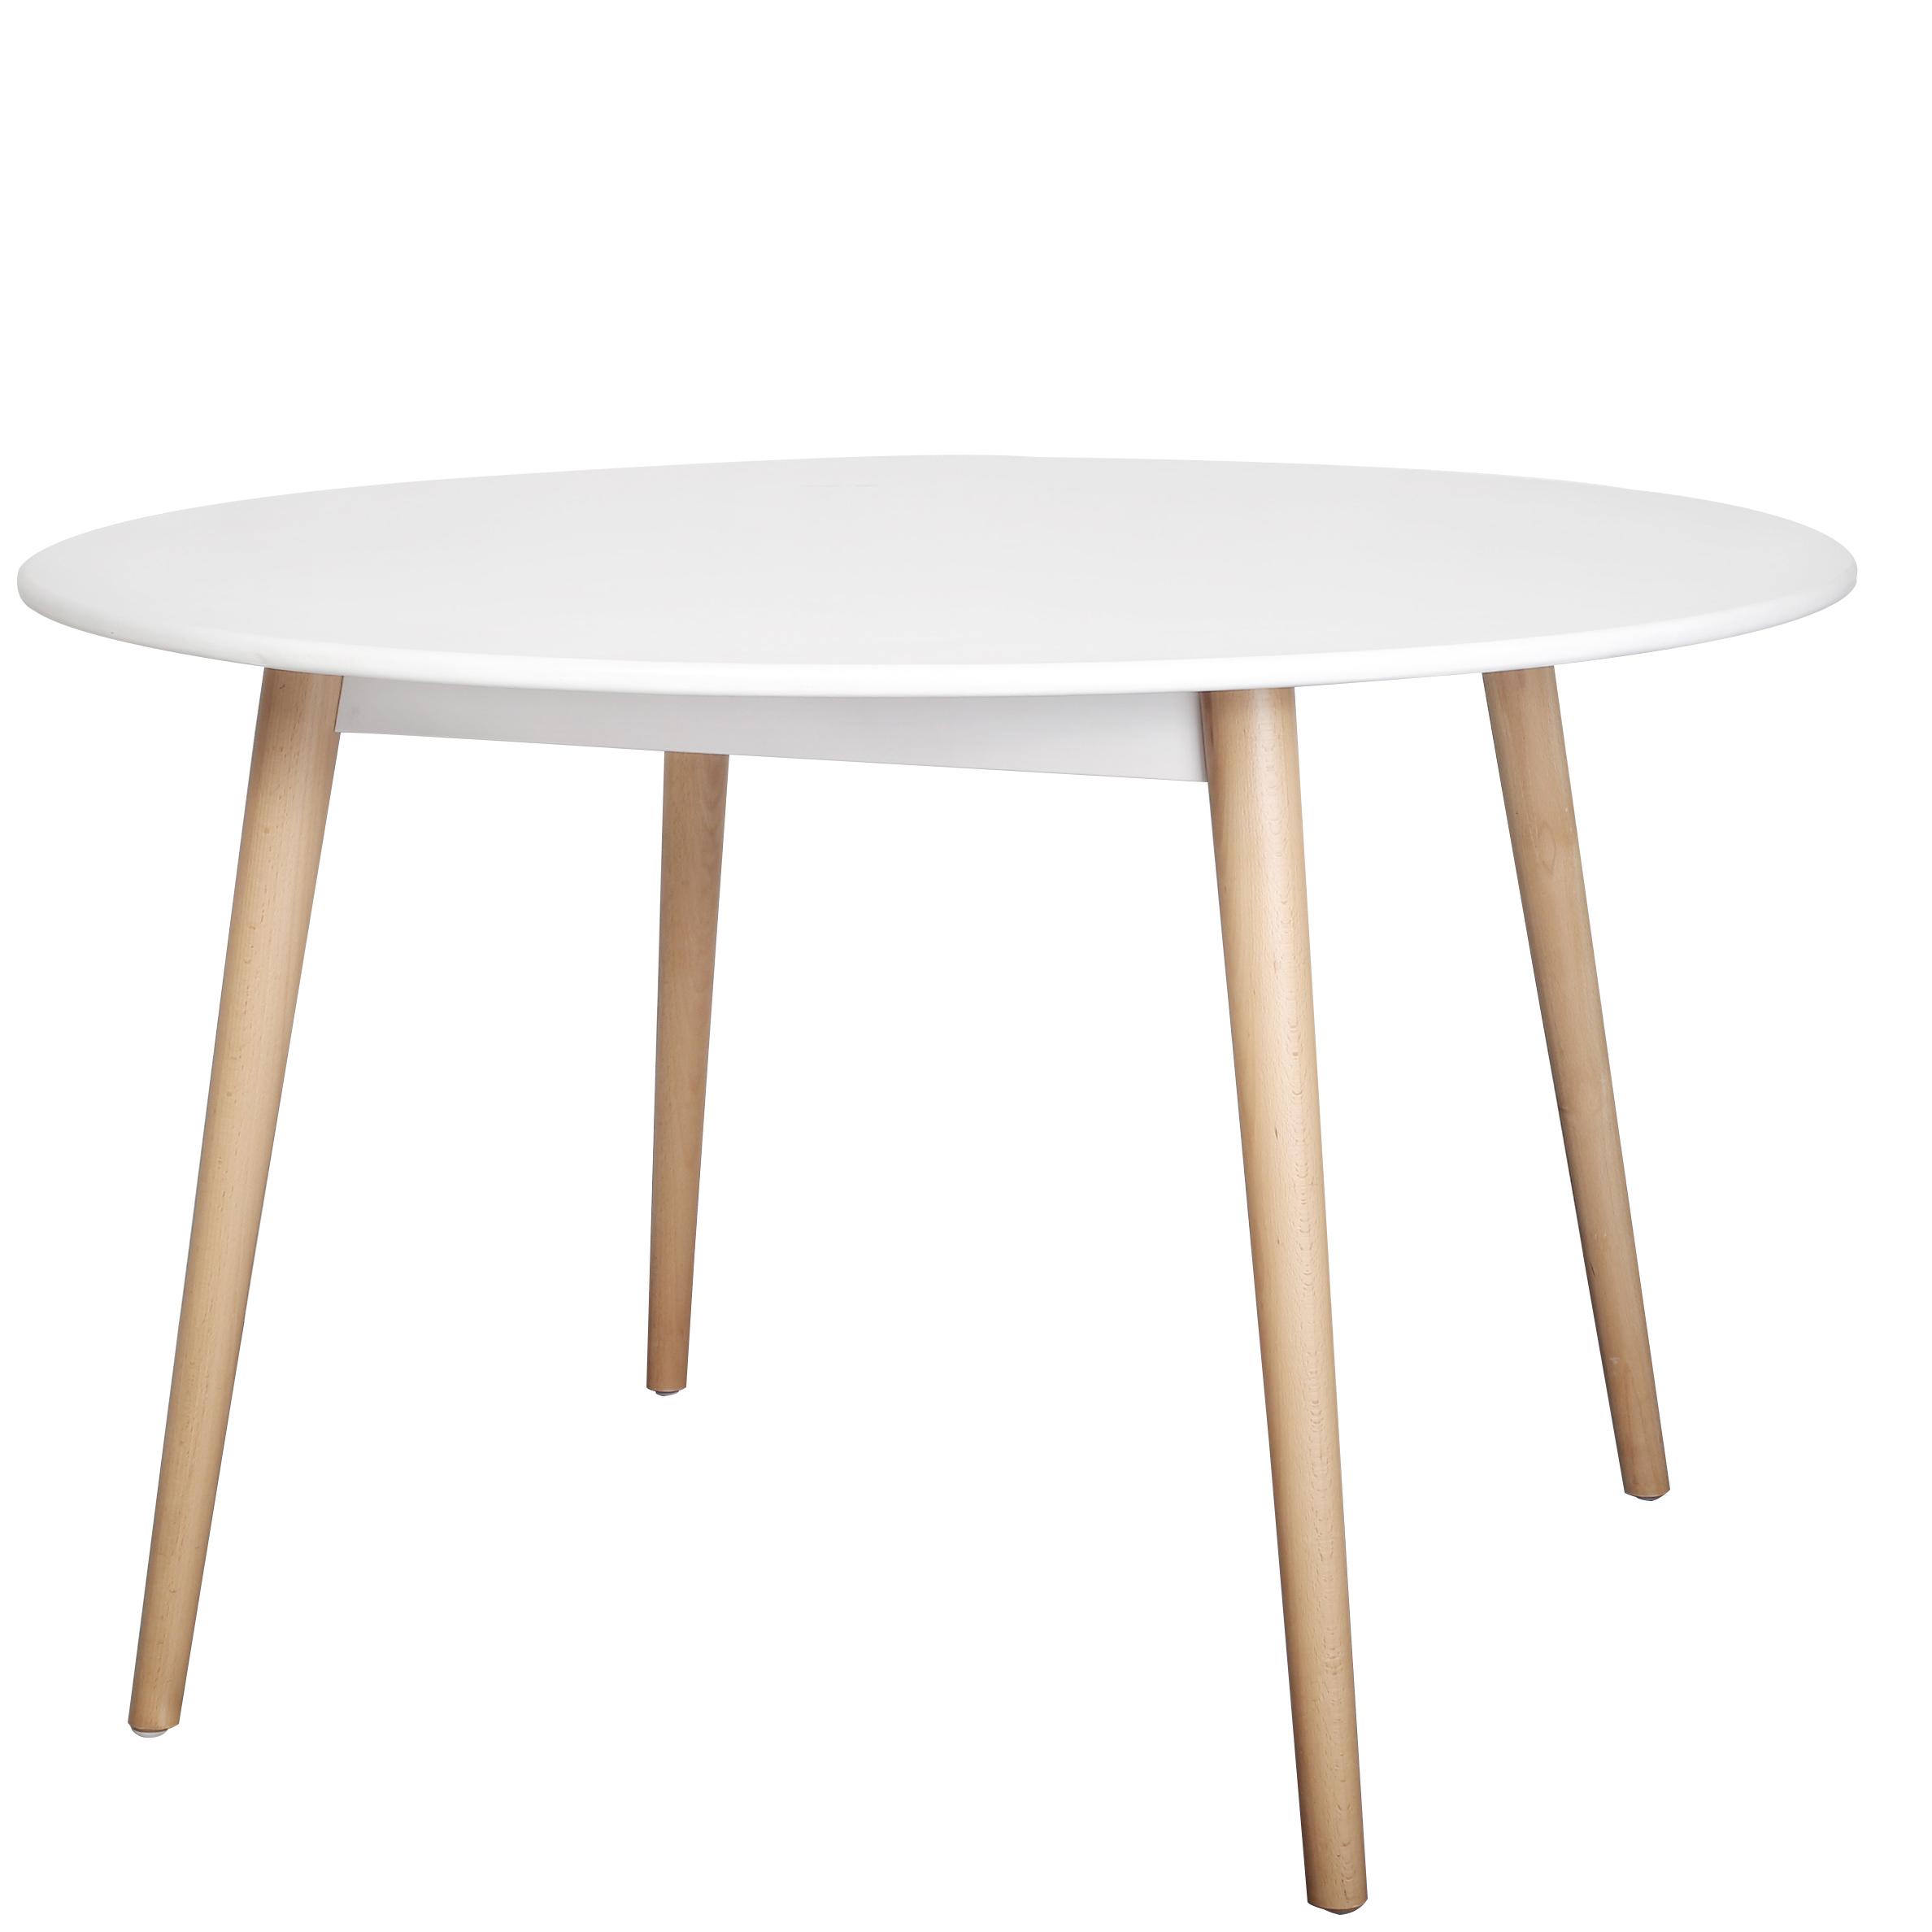 圆桌俯视矢量图